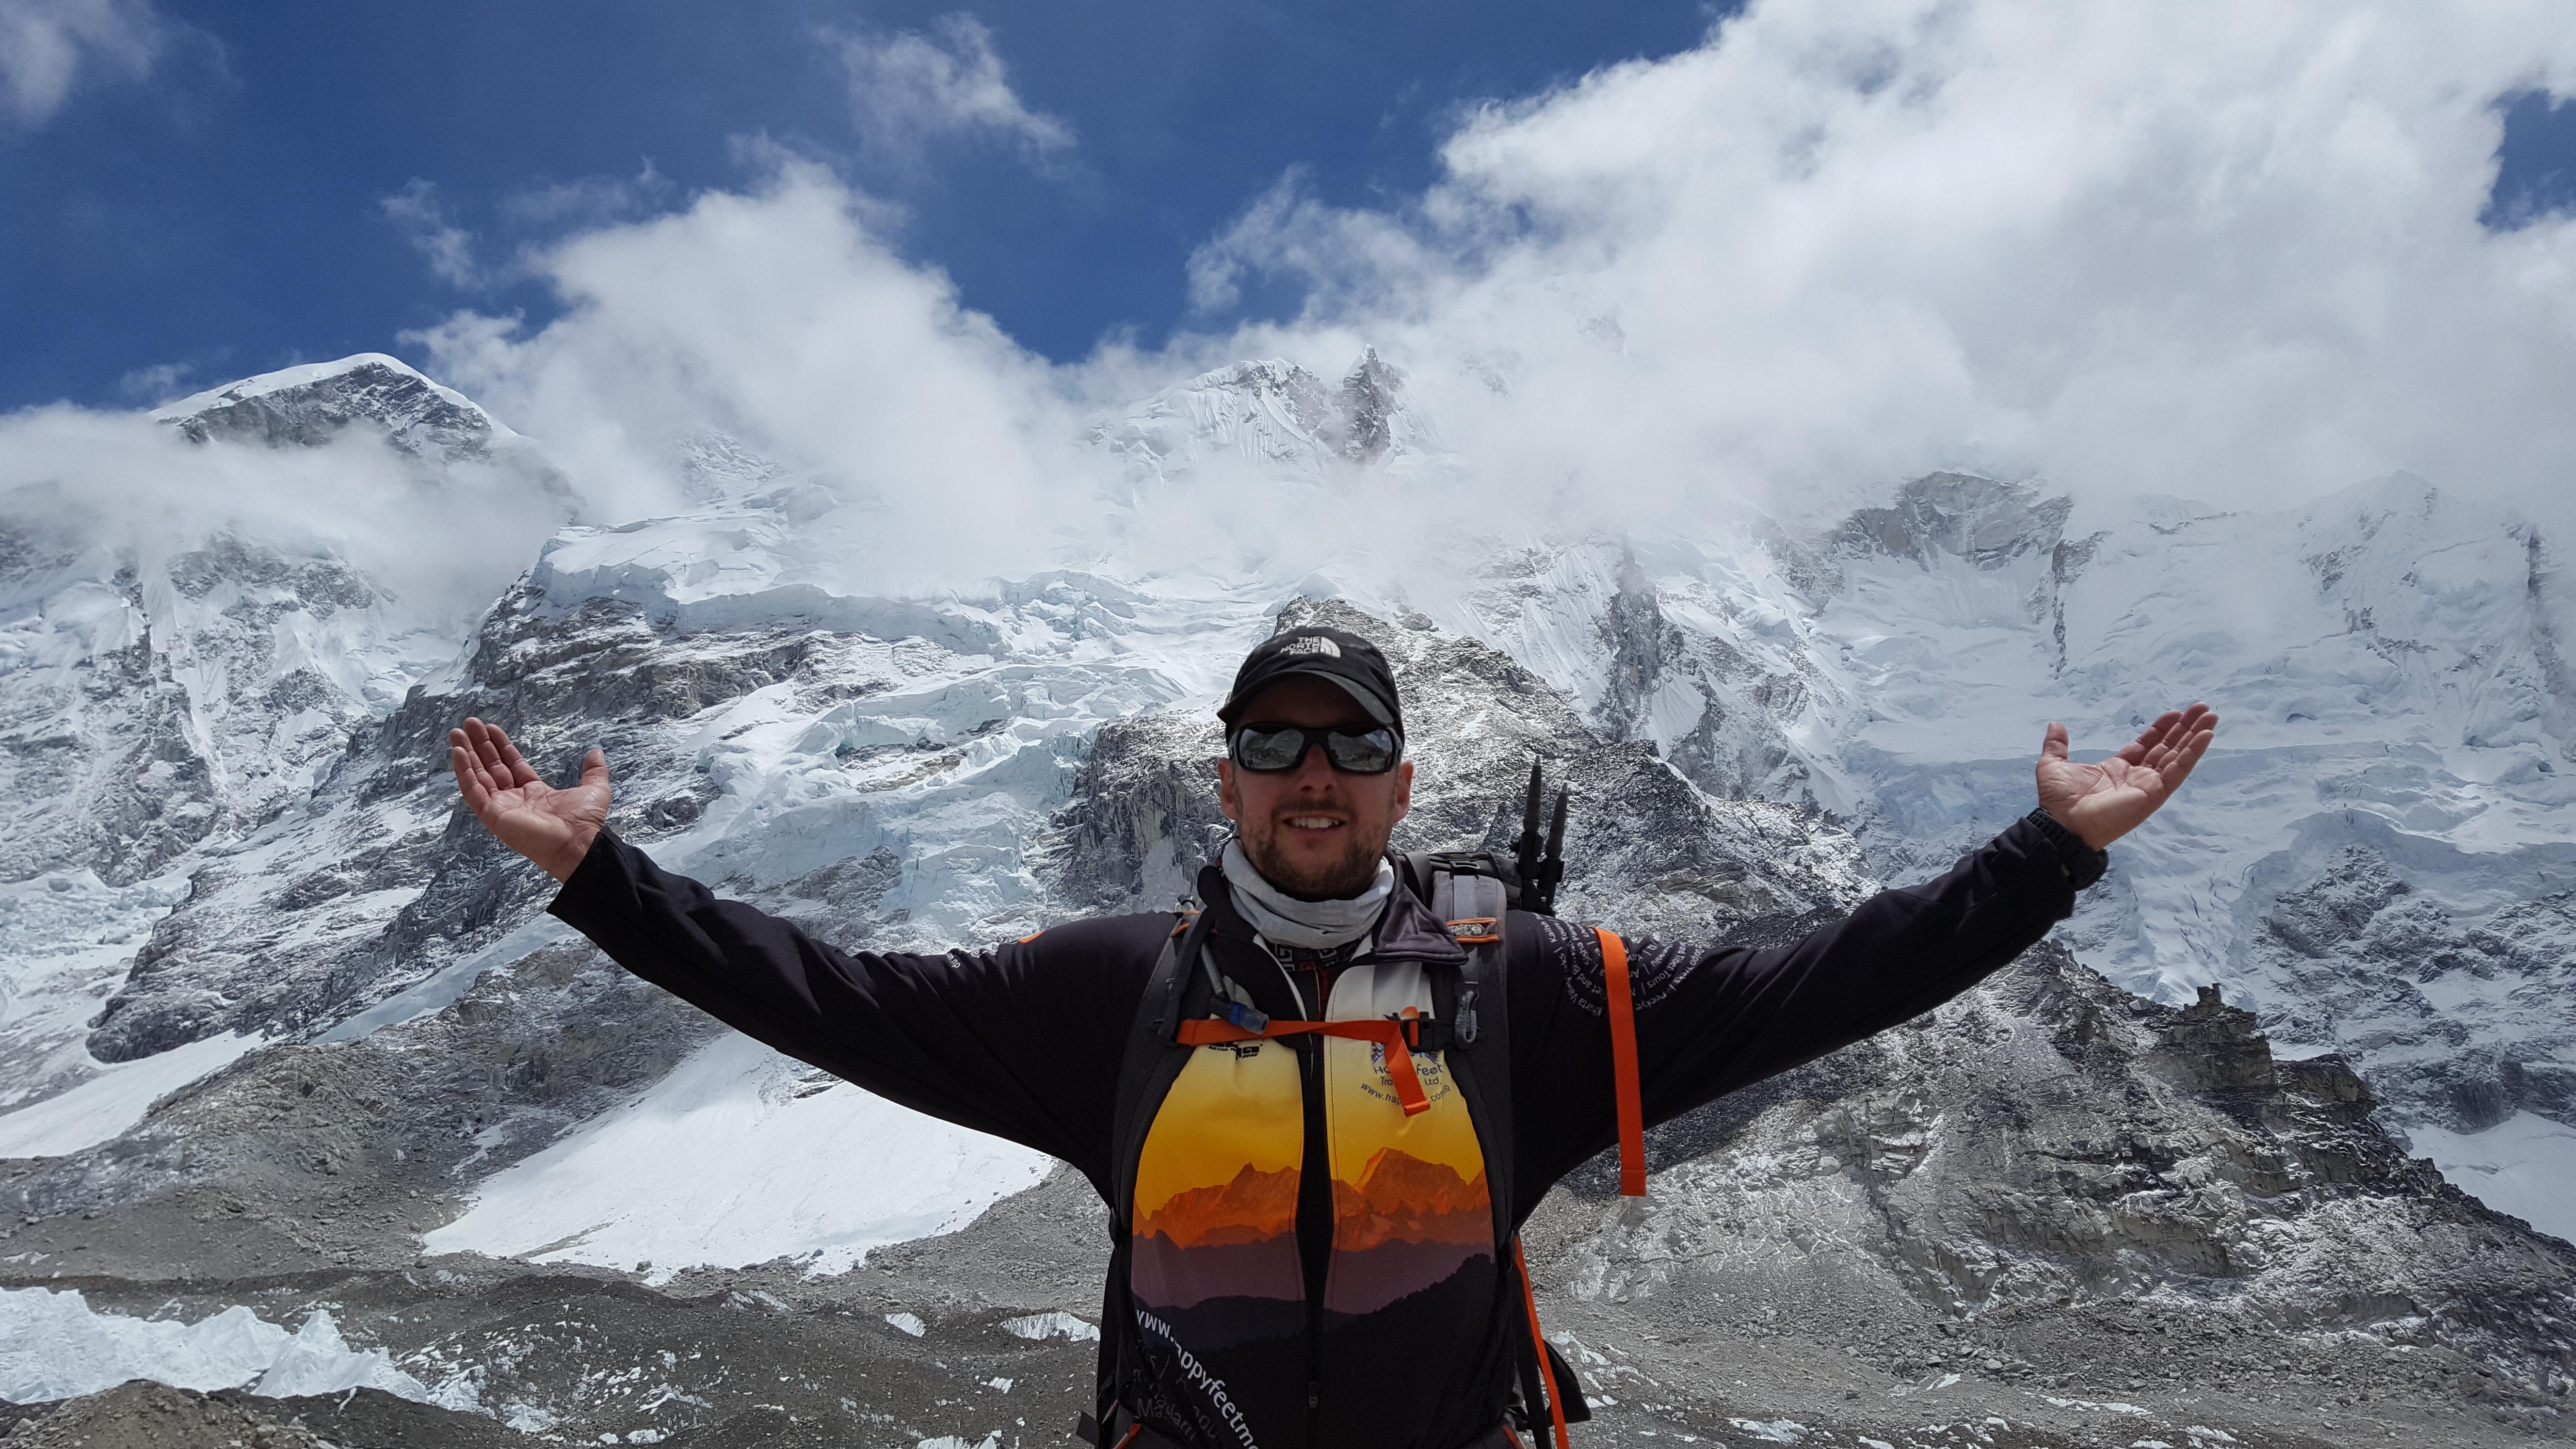 Känslan efter att ha misslyckats med världens högsta berg.